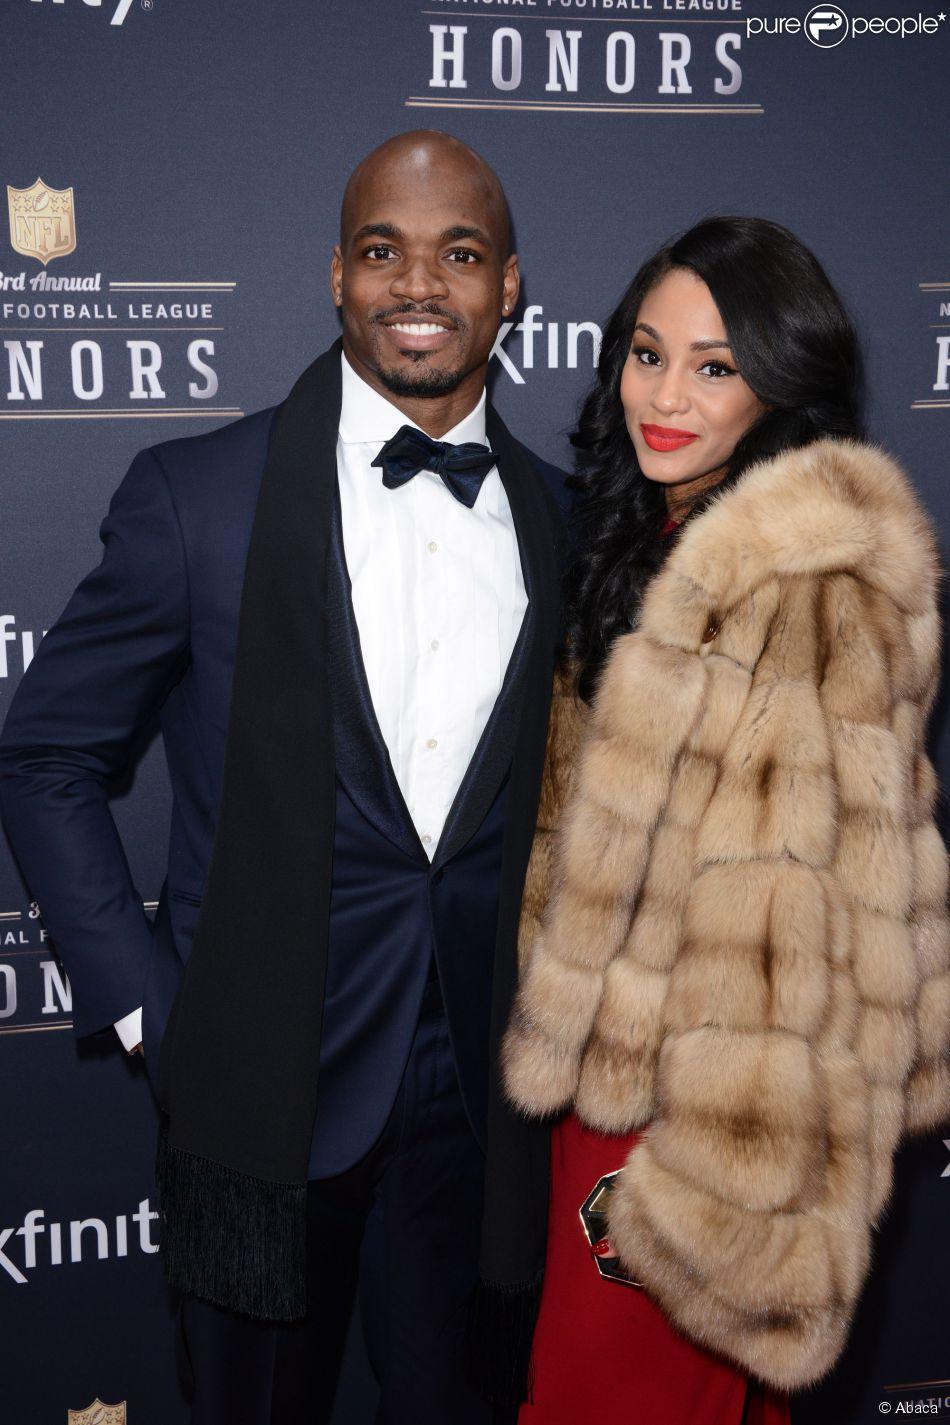 Adrian Peterson, runnning back des Vikings du Minnesota, et son épouse Ashley Brown lors d'un gala à New York 1er février 2014